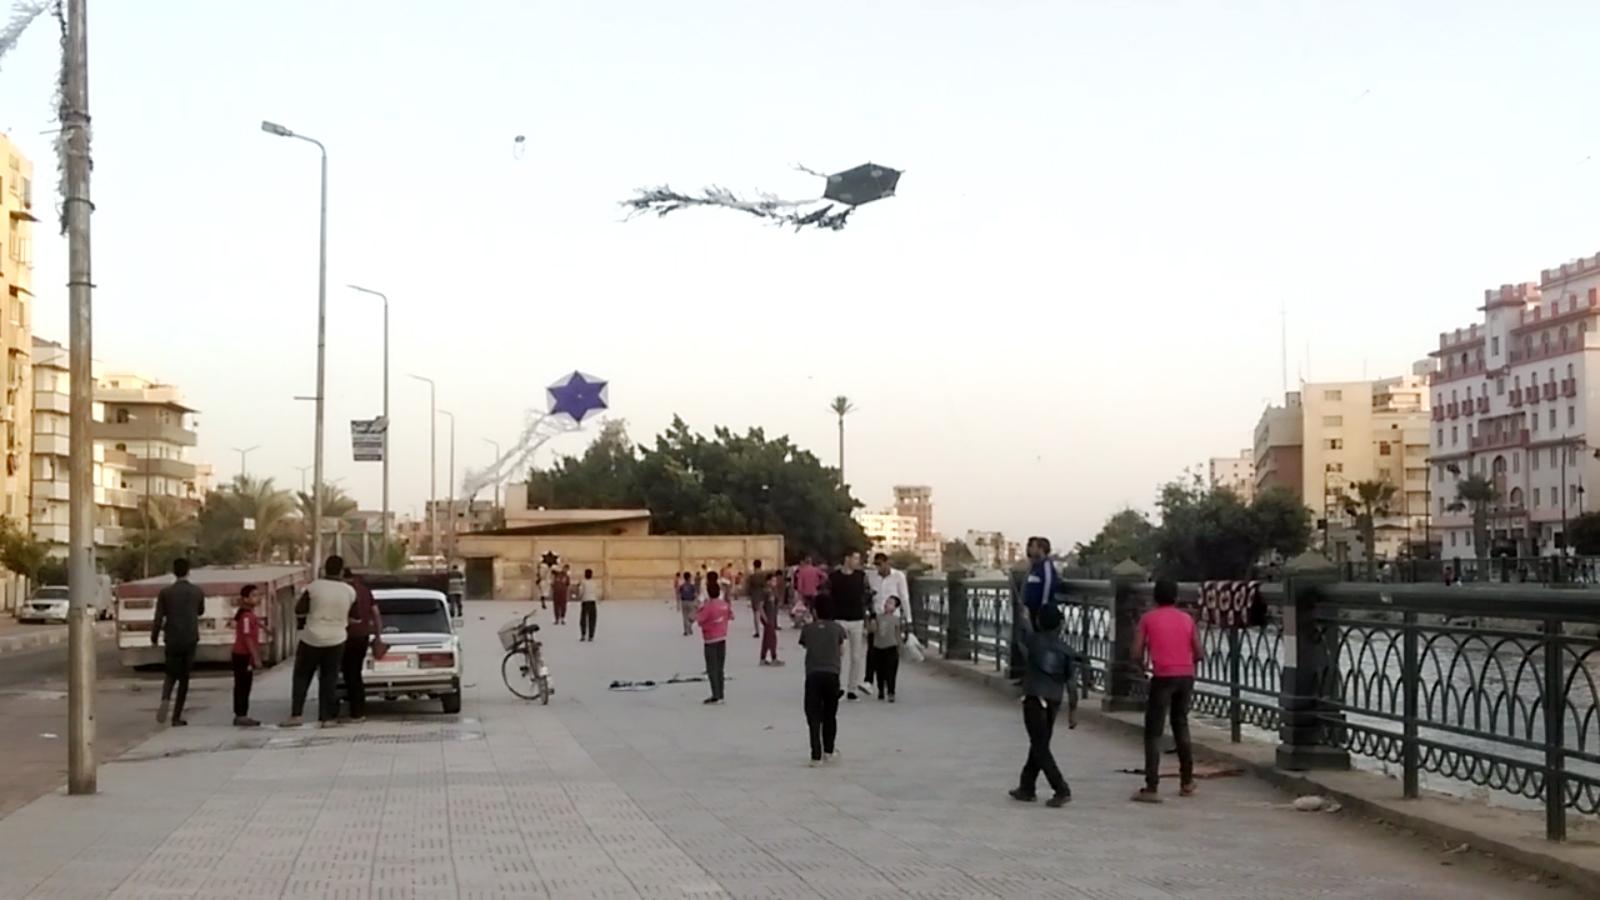 الطائرات الورقية.. متعة الكبار والصغار في زمن الكورونا بالبحيرة